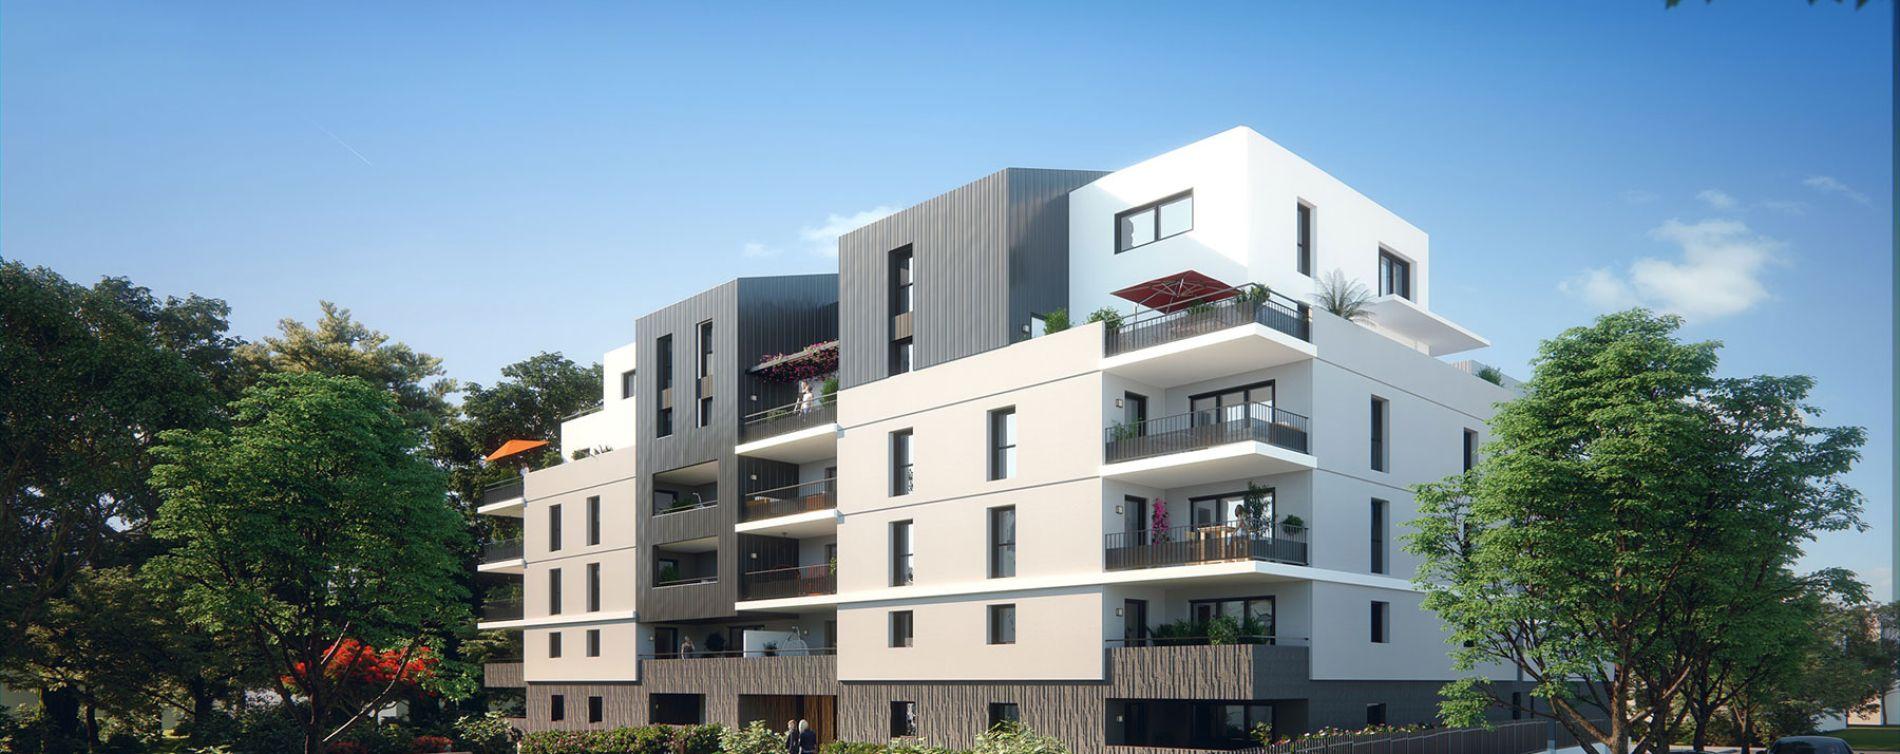 Montpellier : programme immobilier neuve « Les Demeures du Parc »